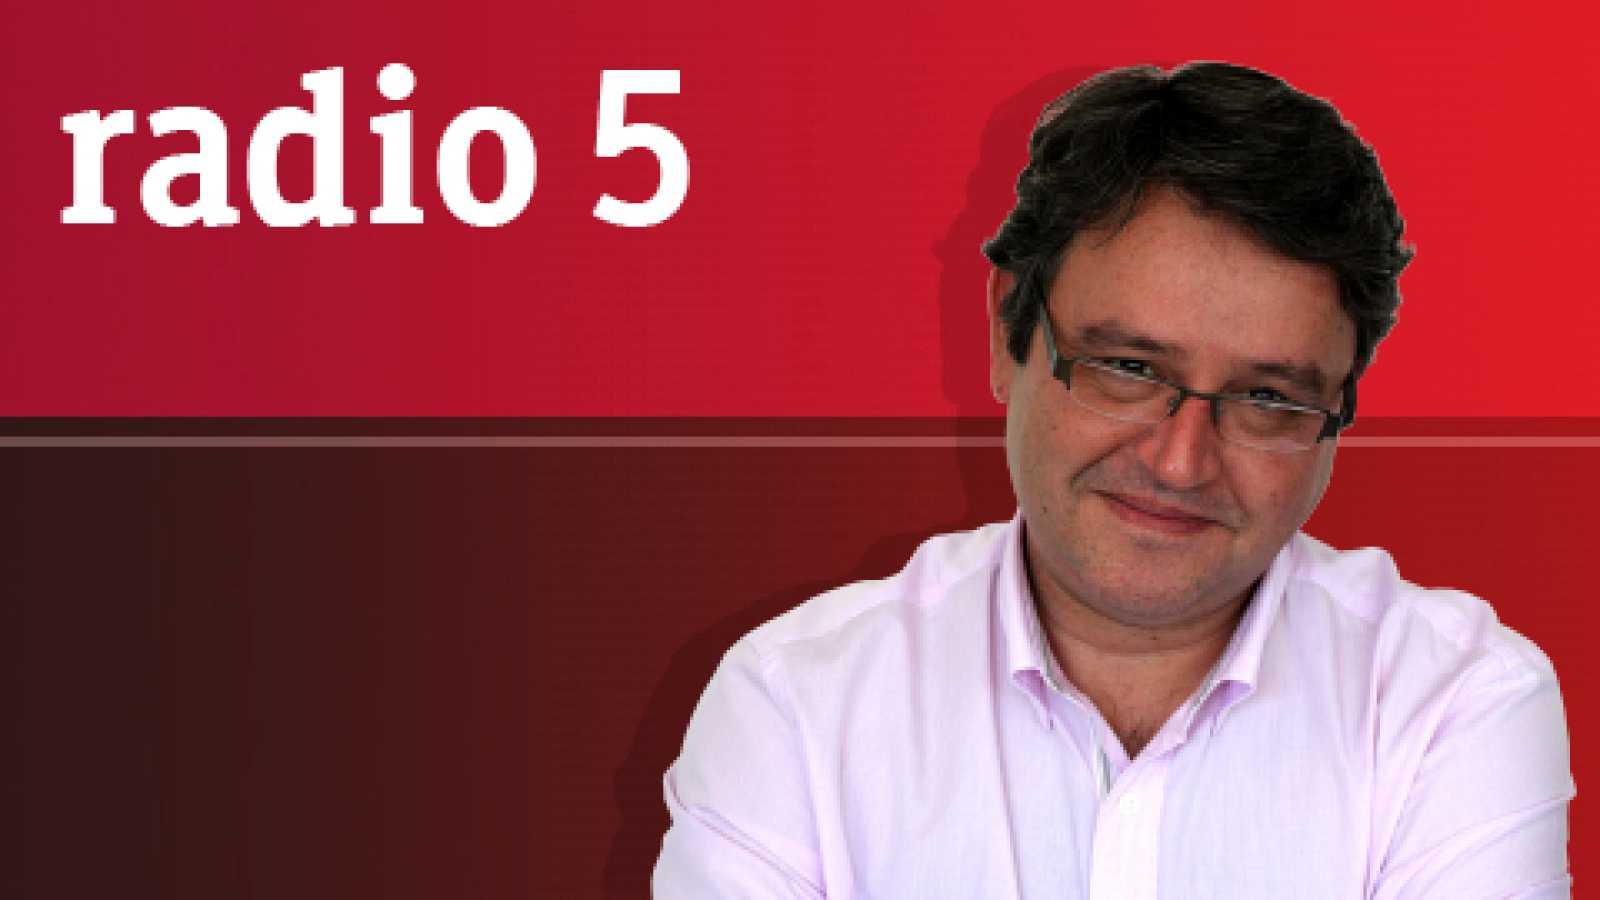 Sostenible y renovable en Radio 5 - Día Internacional de la Mujer y la Niña en la Ciencia - 06/02/18 - escuchar ahora